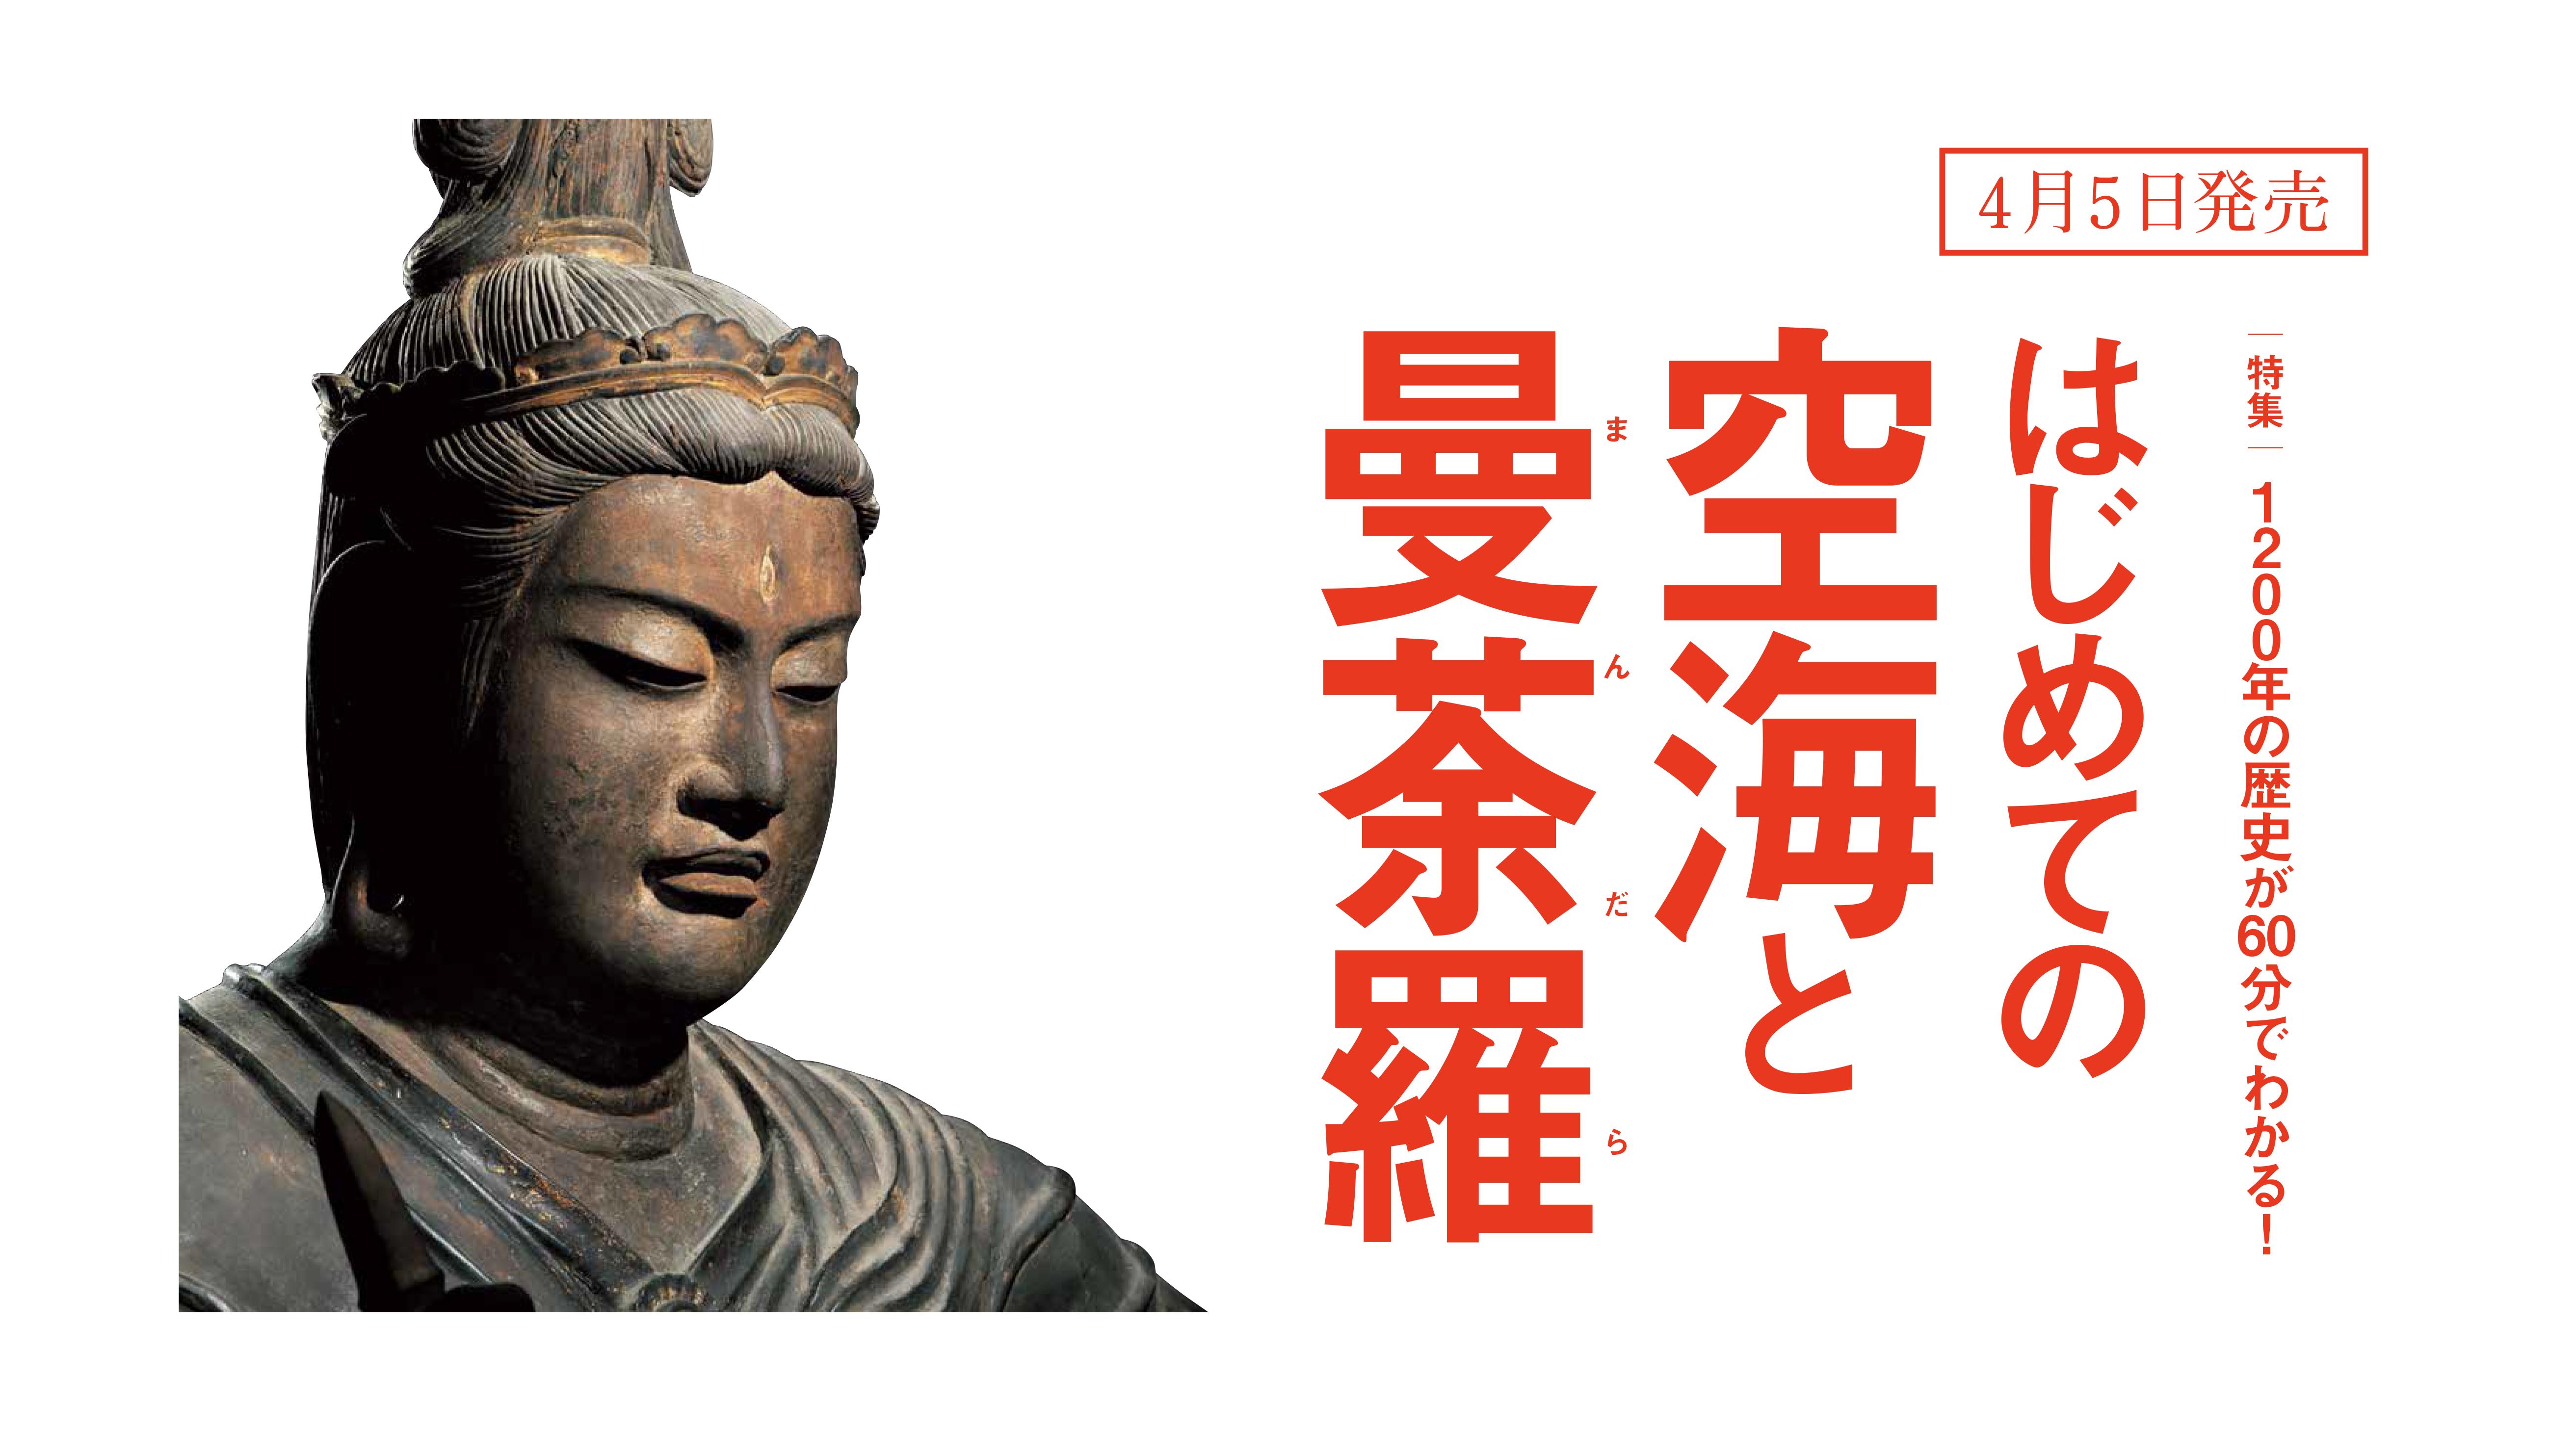 特集:はじめての空海と曼荼羅<br/>【4/5発売】Discover Japan5月号